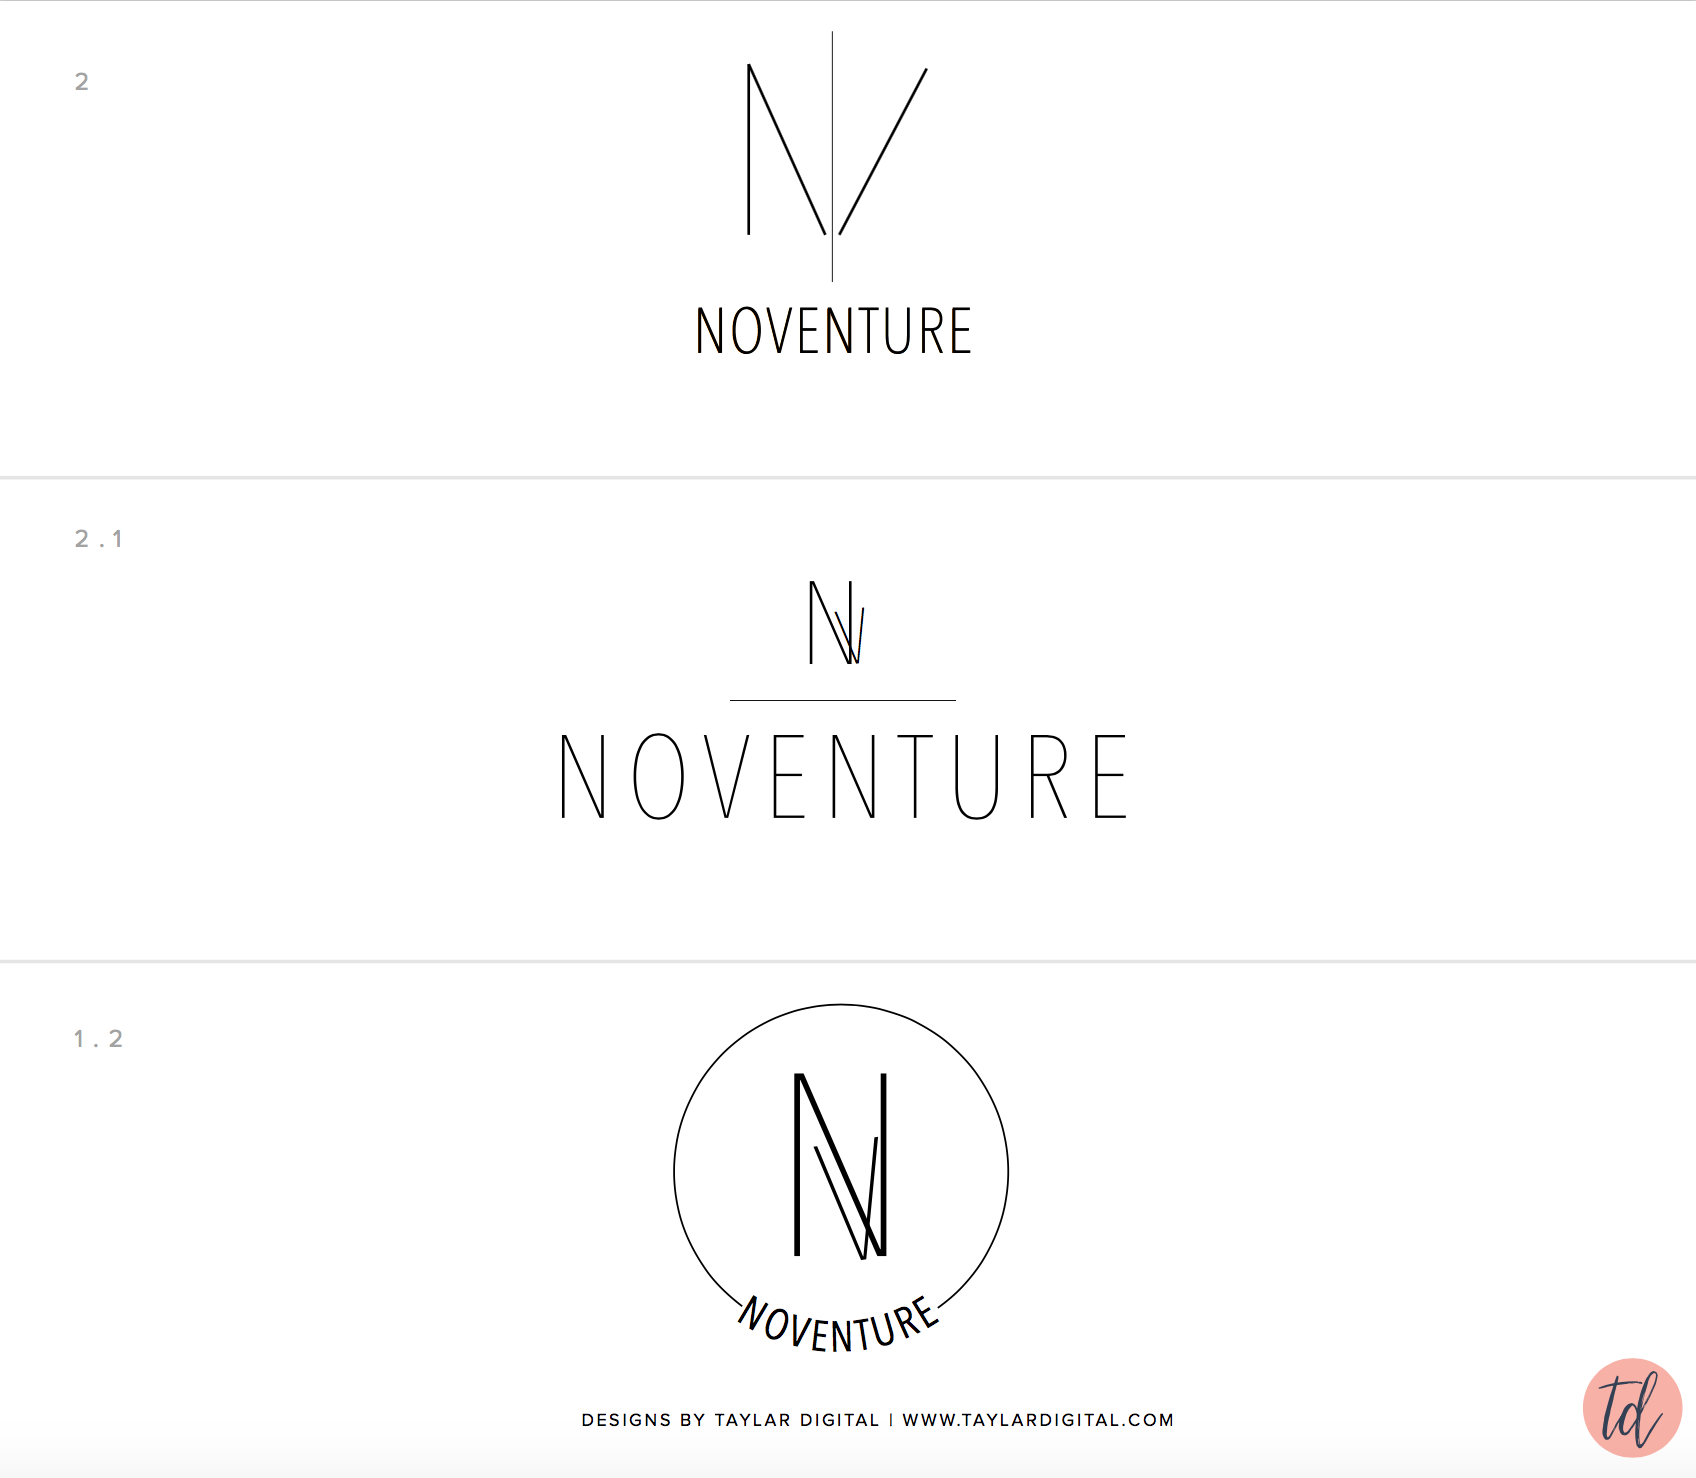 Noventure logo concepts